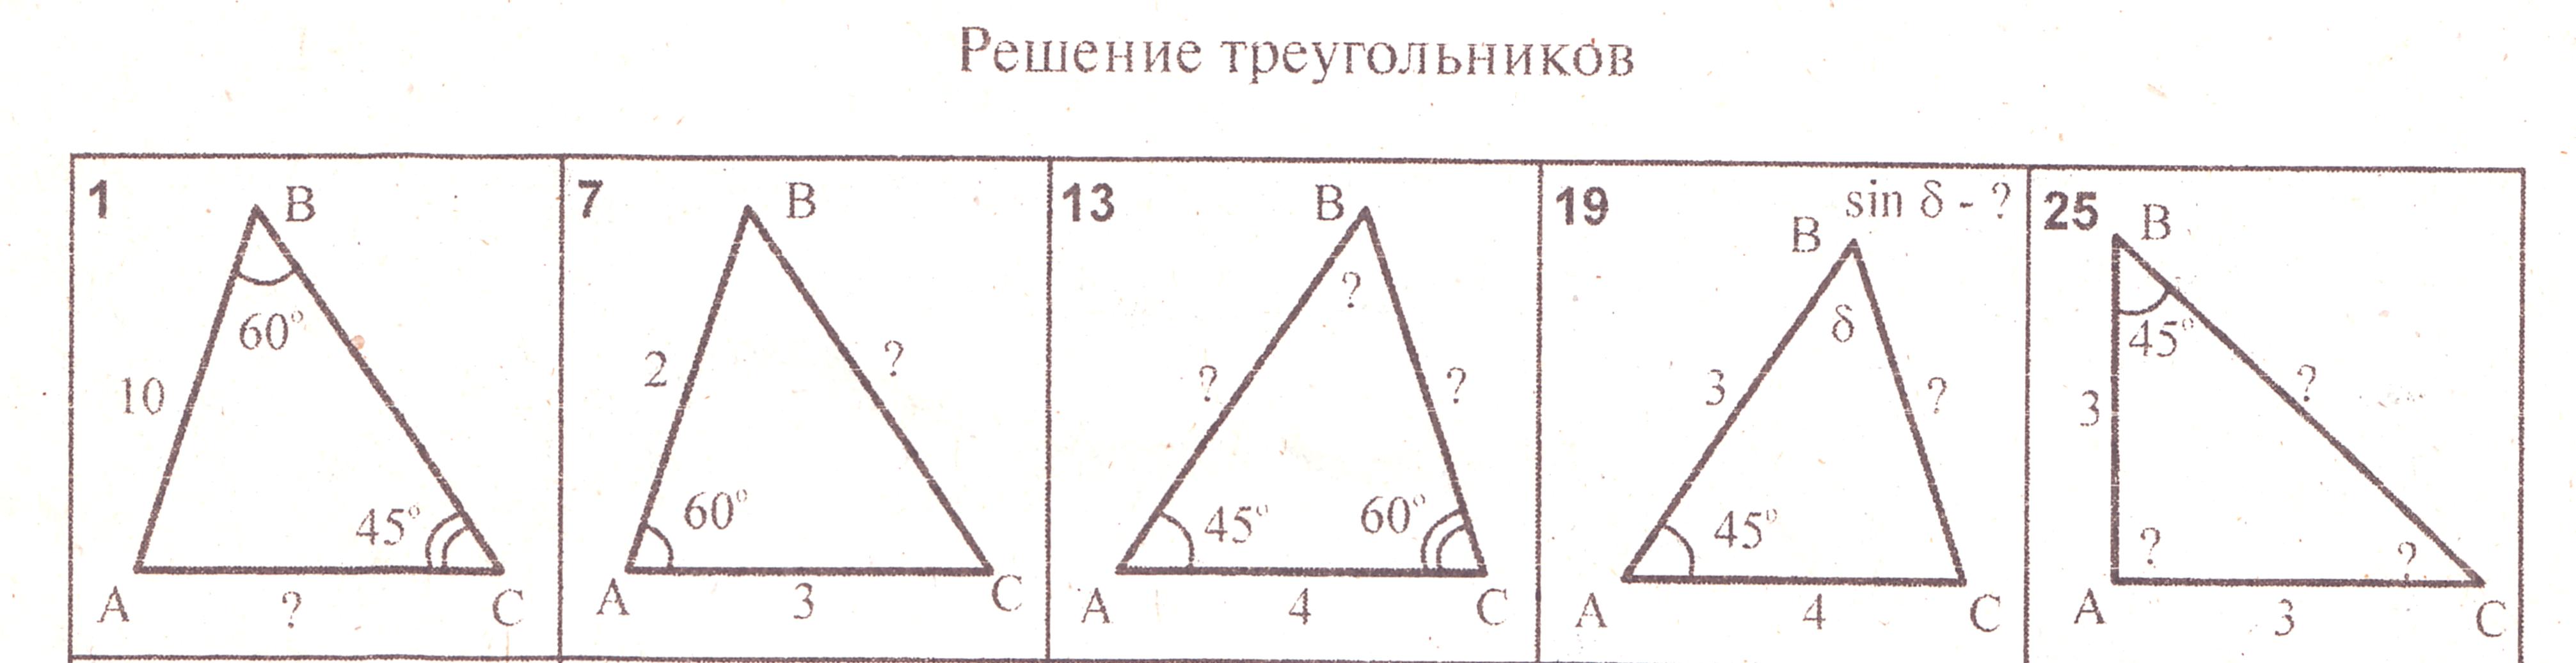 Задачи по геометрии 9 класс решение треугольников решение задачи по физике кинематика